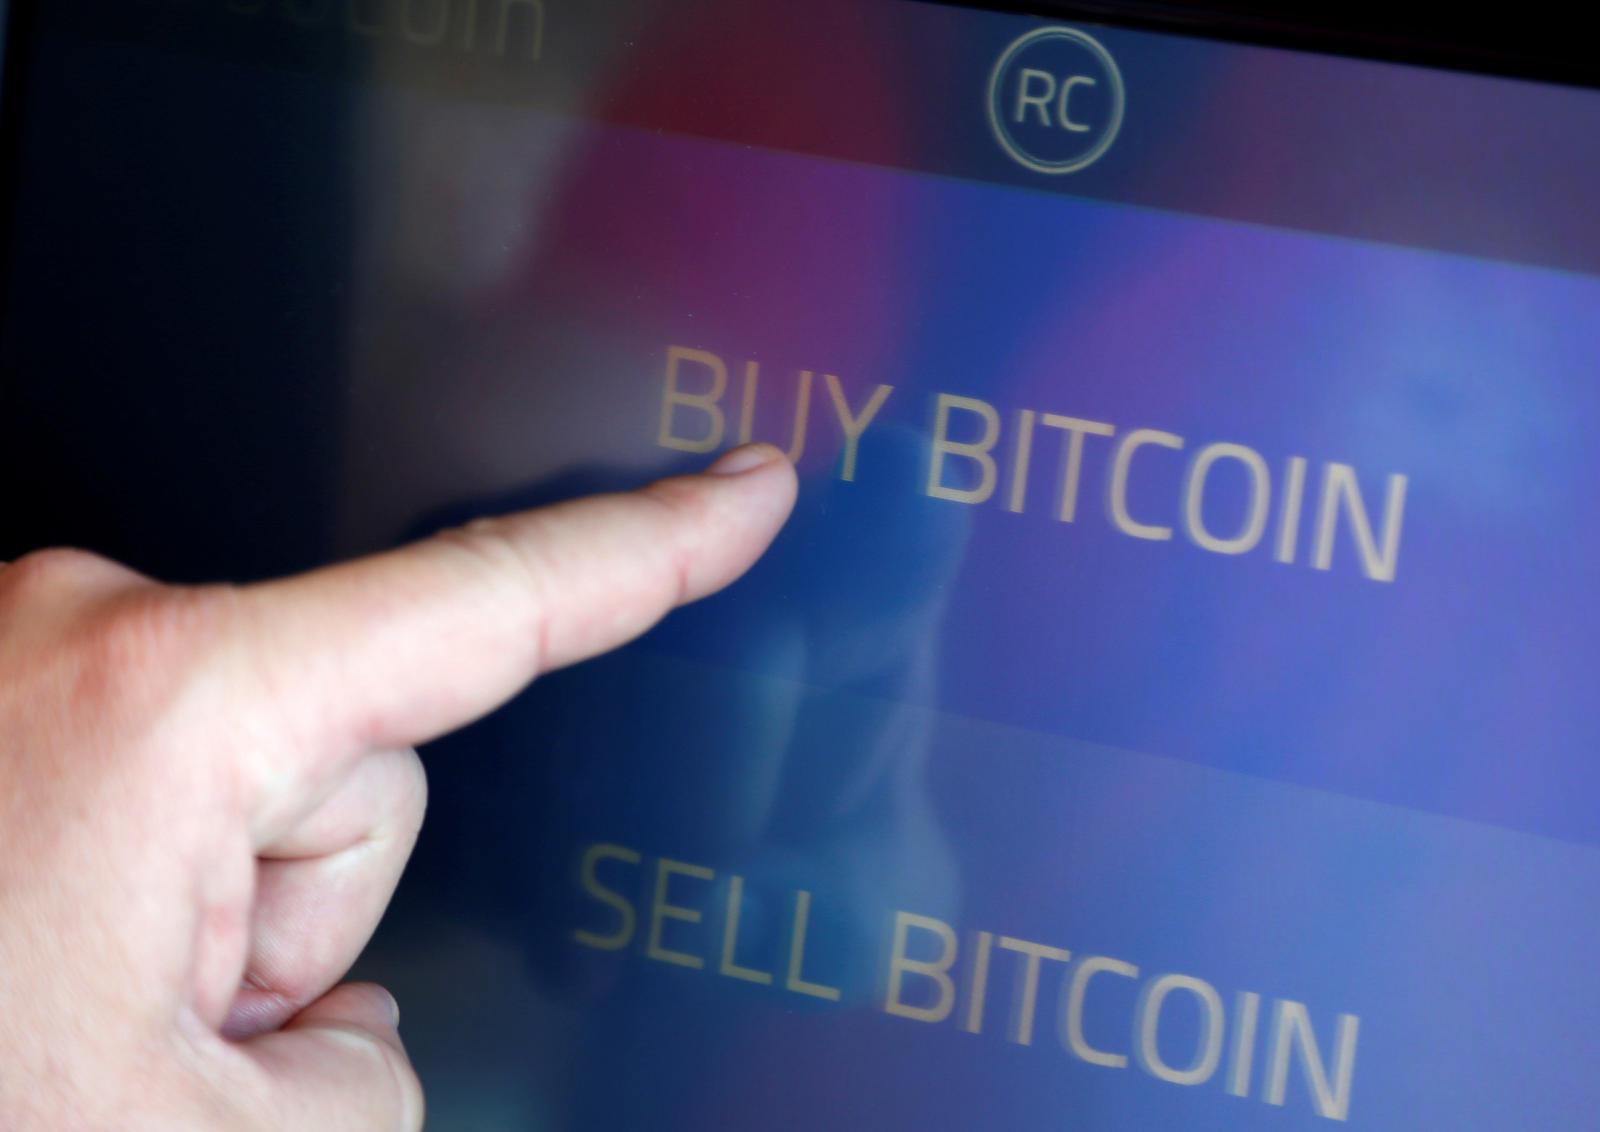 kaip udirbti prekyboje bitkoinais